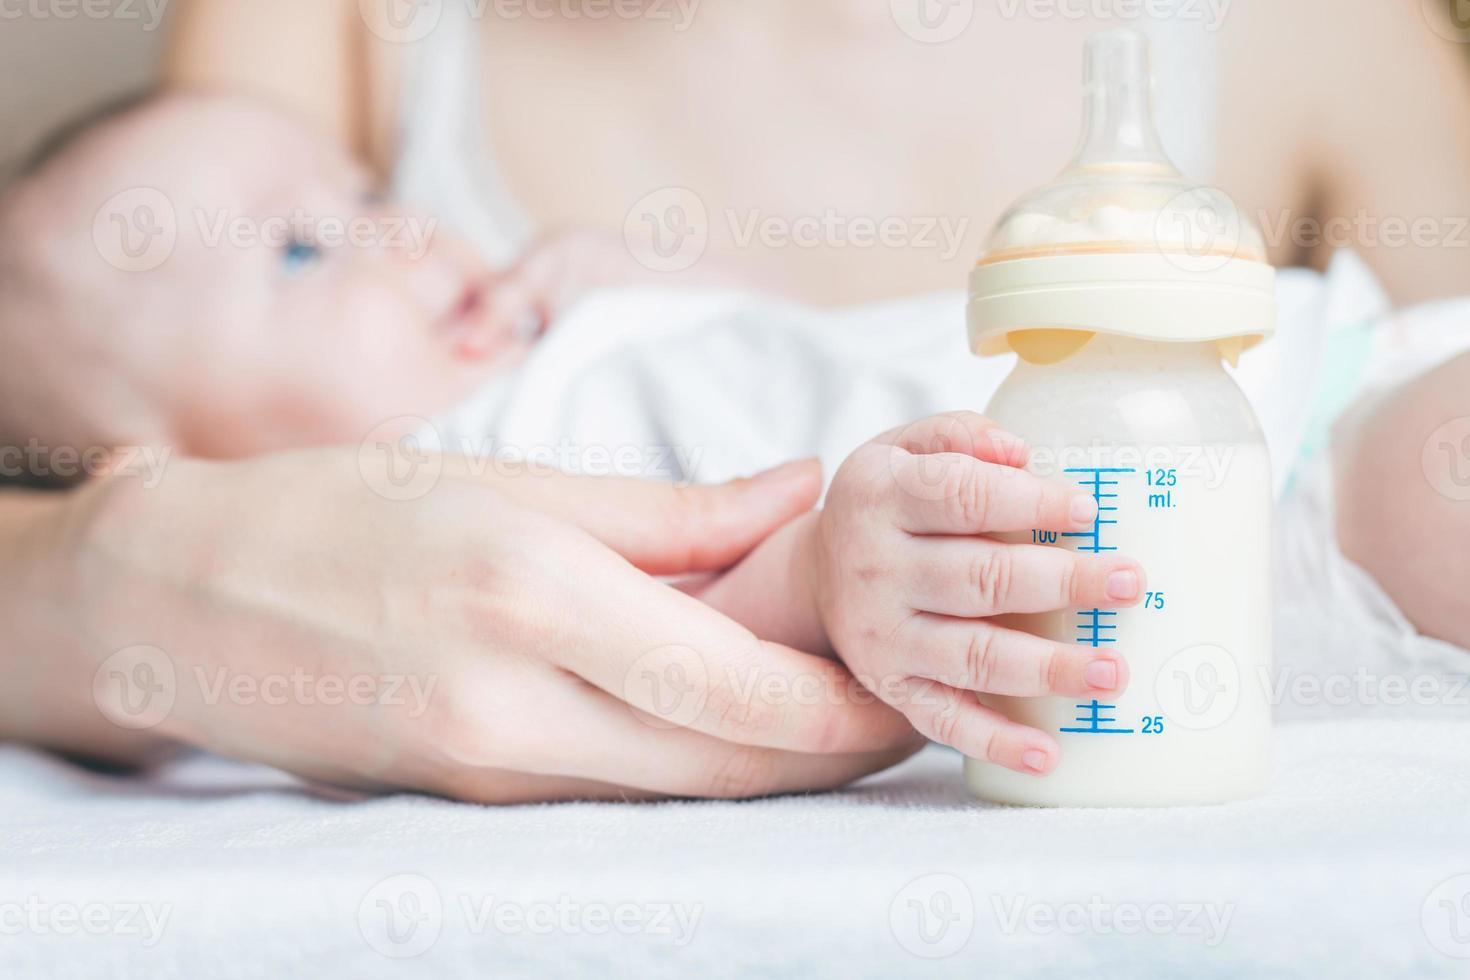 bébé tenant un biberon avec du lait maternel photo